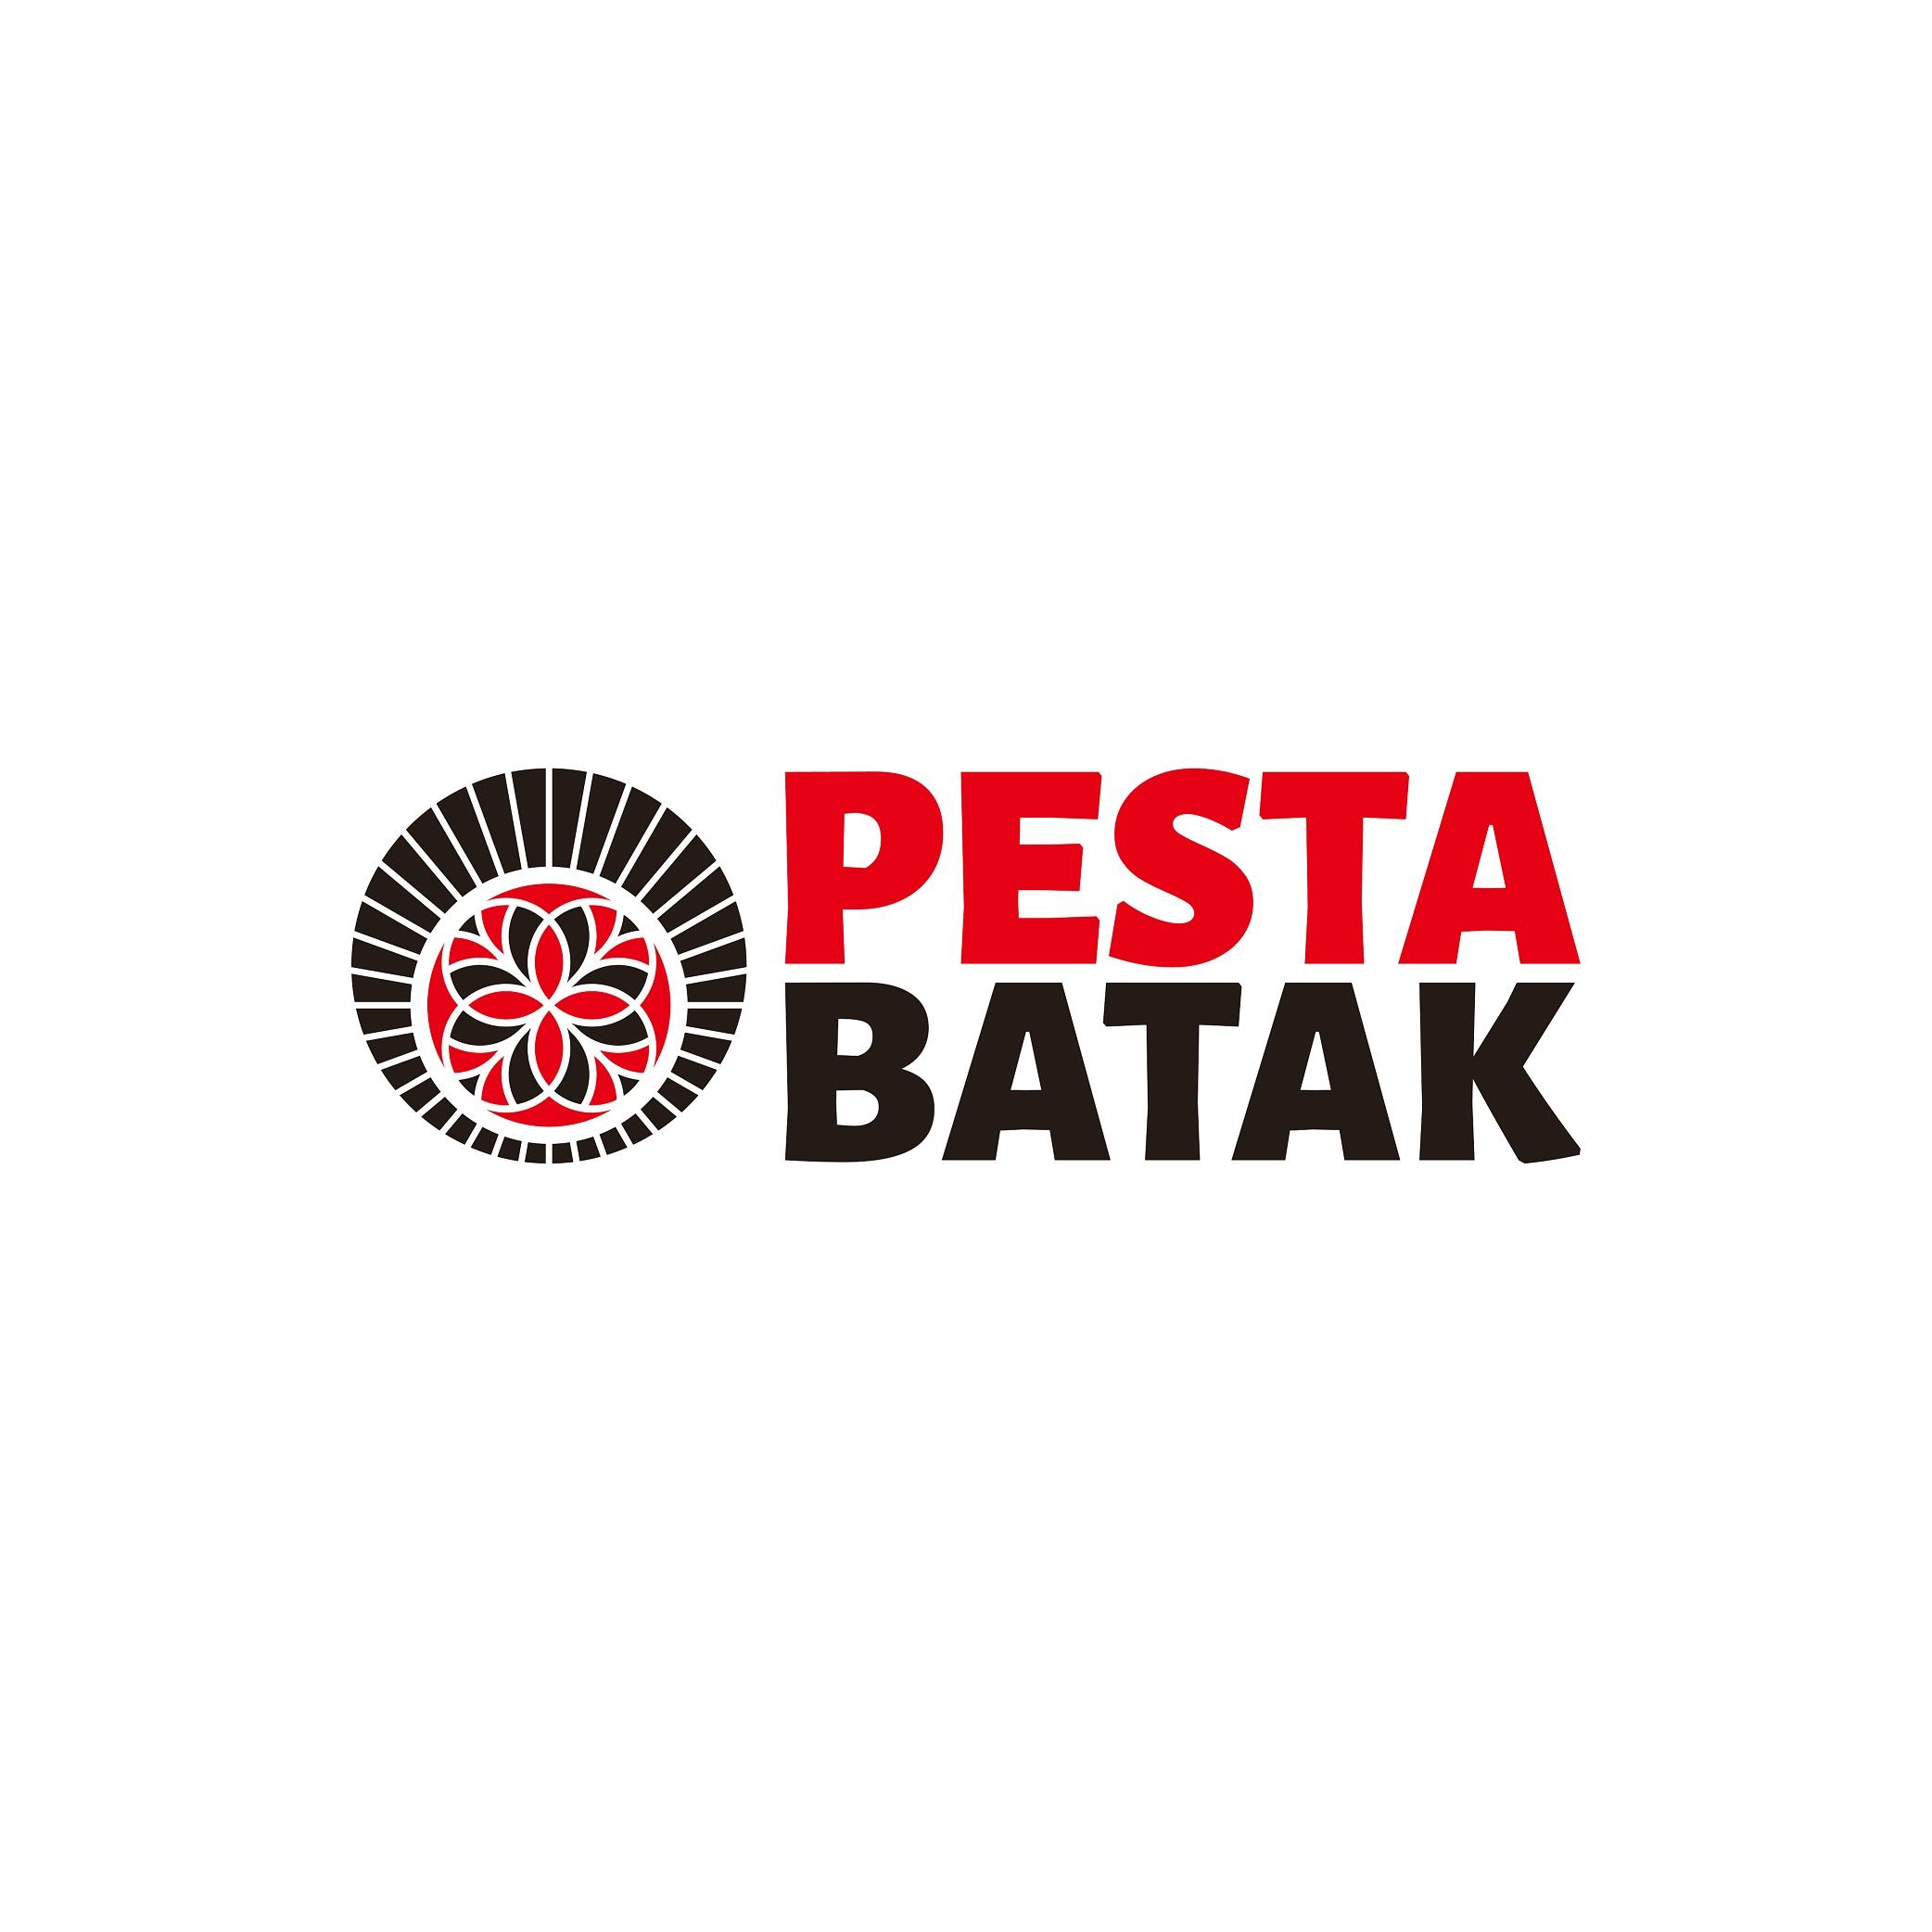 Pesta Batak